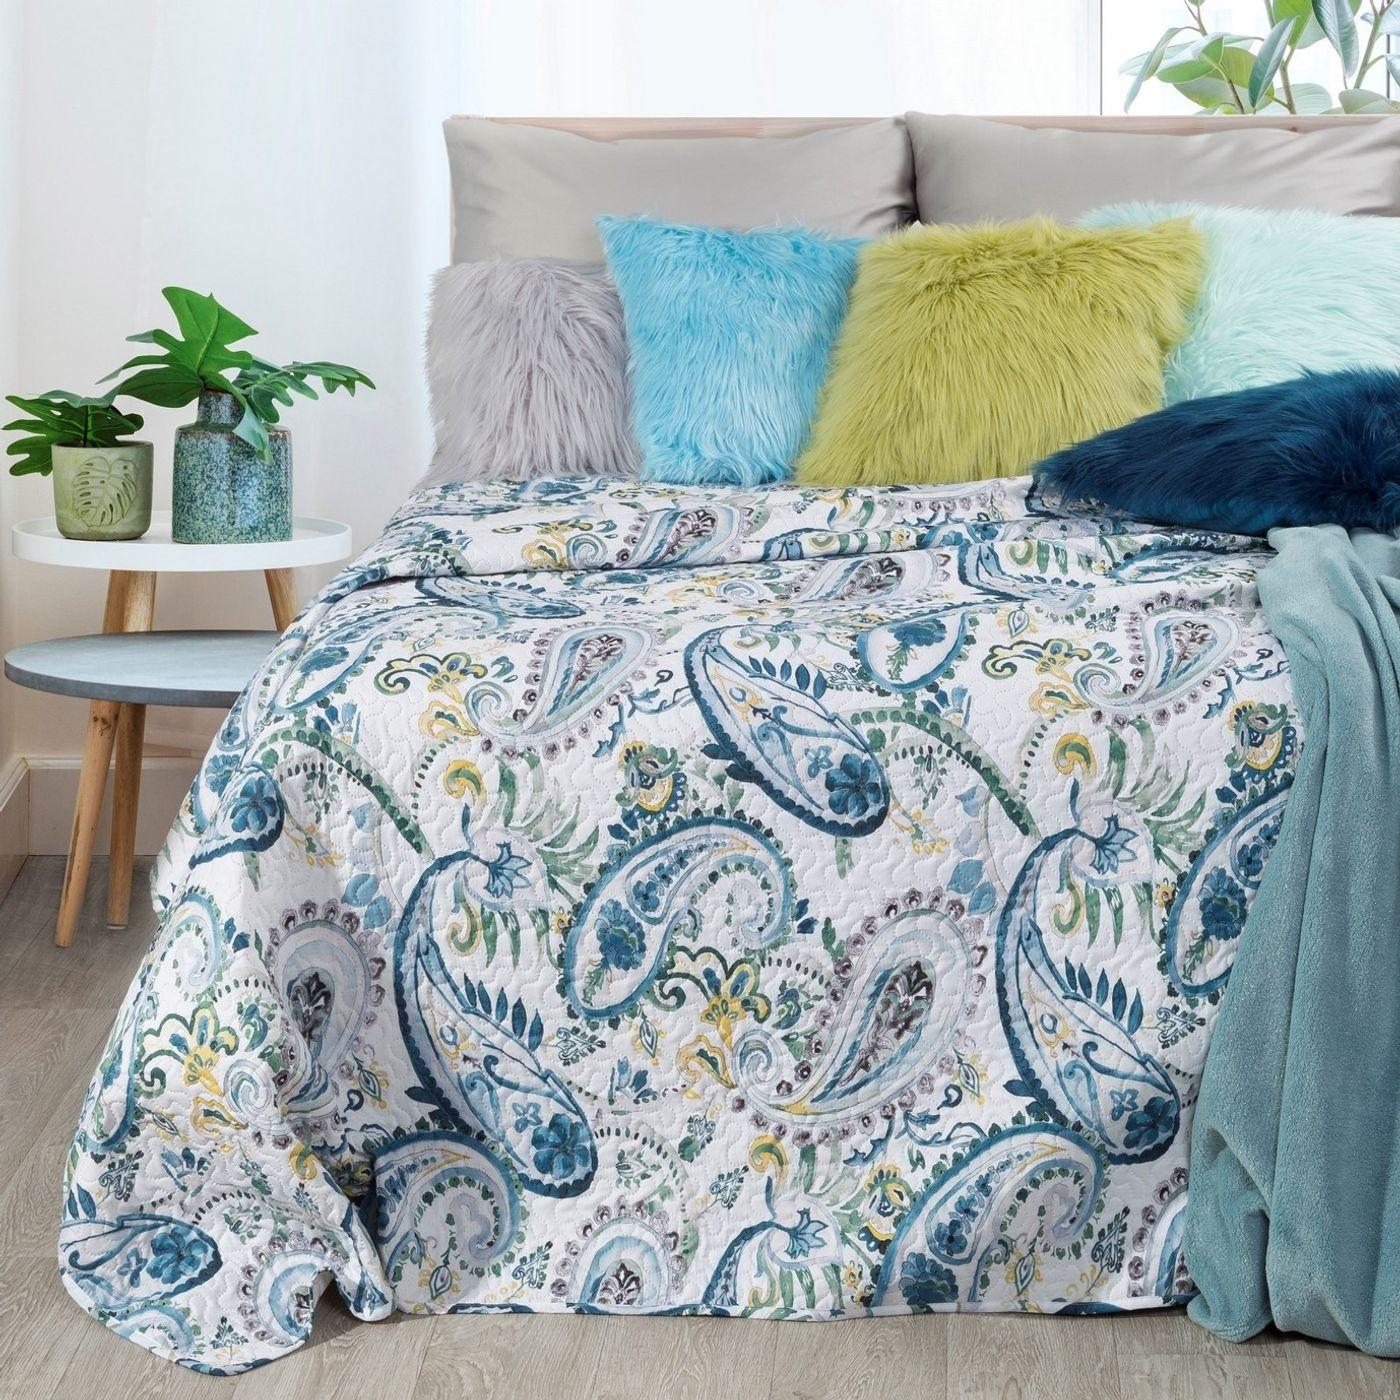 Narzuta na łóżko pikowana hotpress motyw roślinny 200x220 cm biało-niebieska